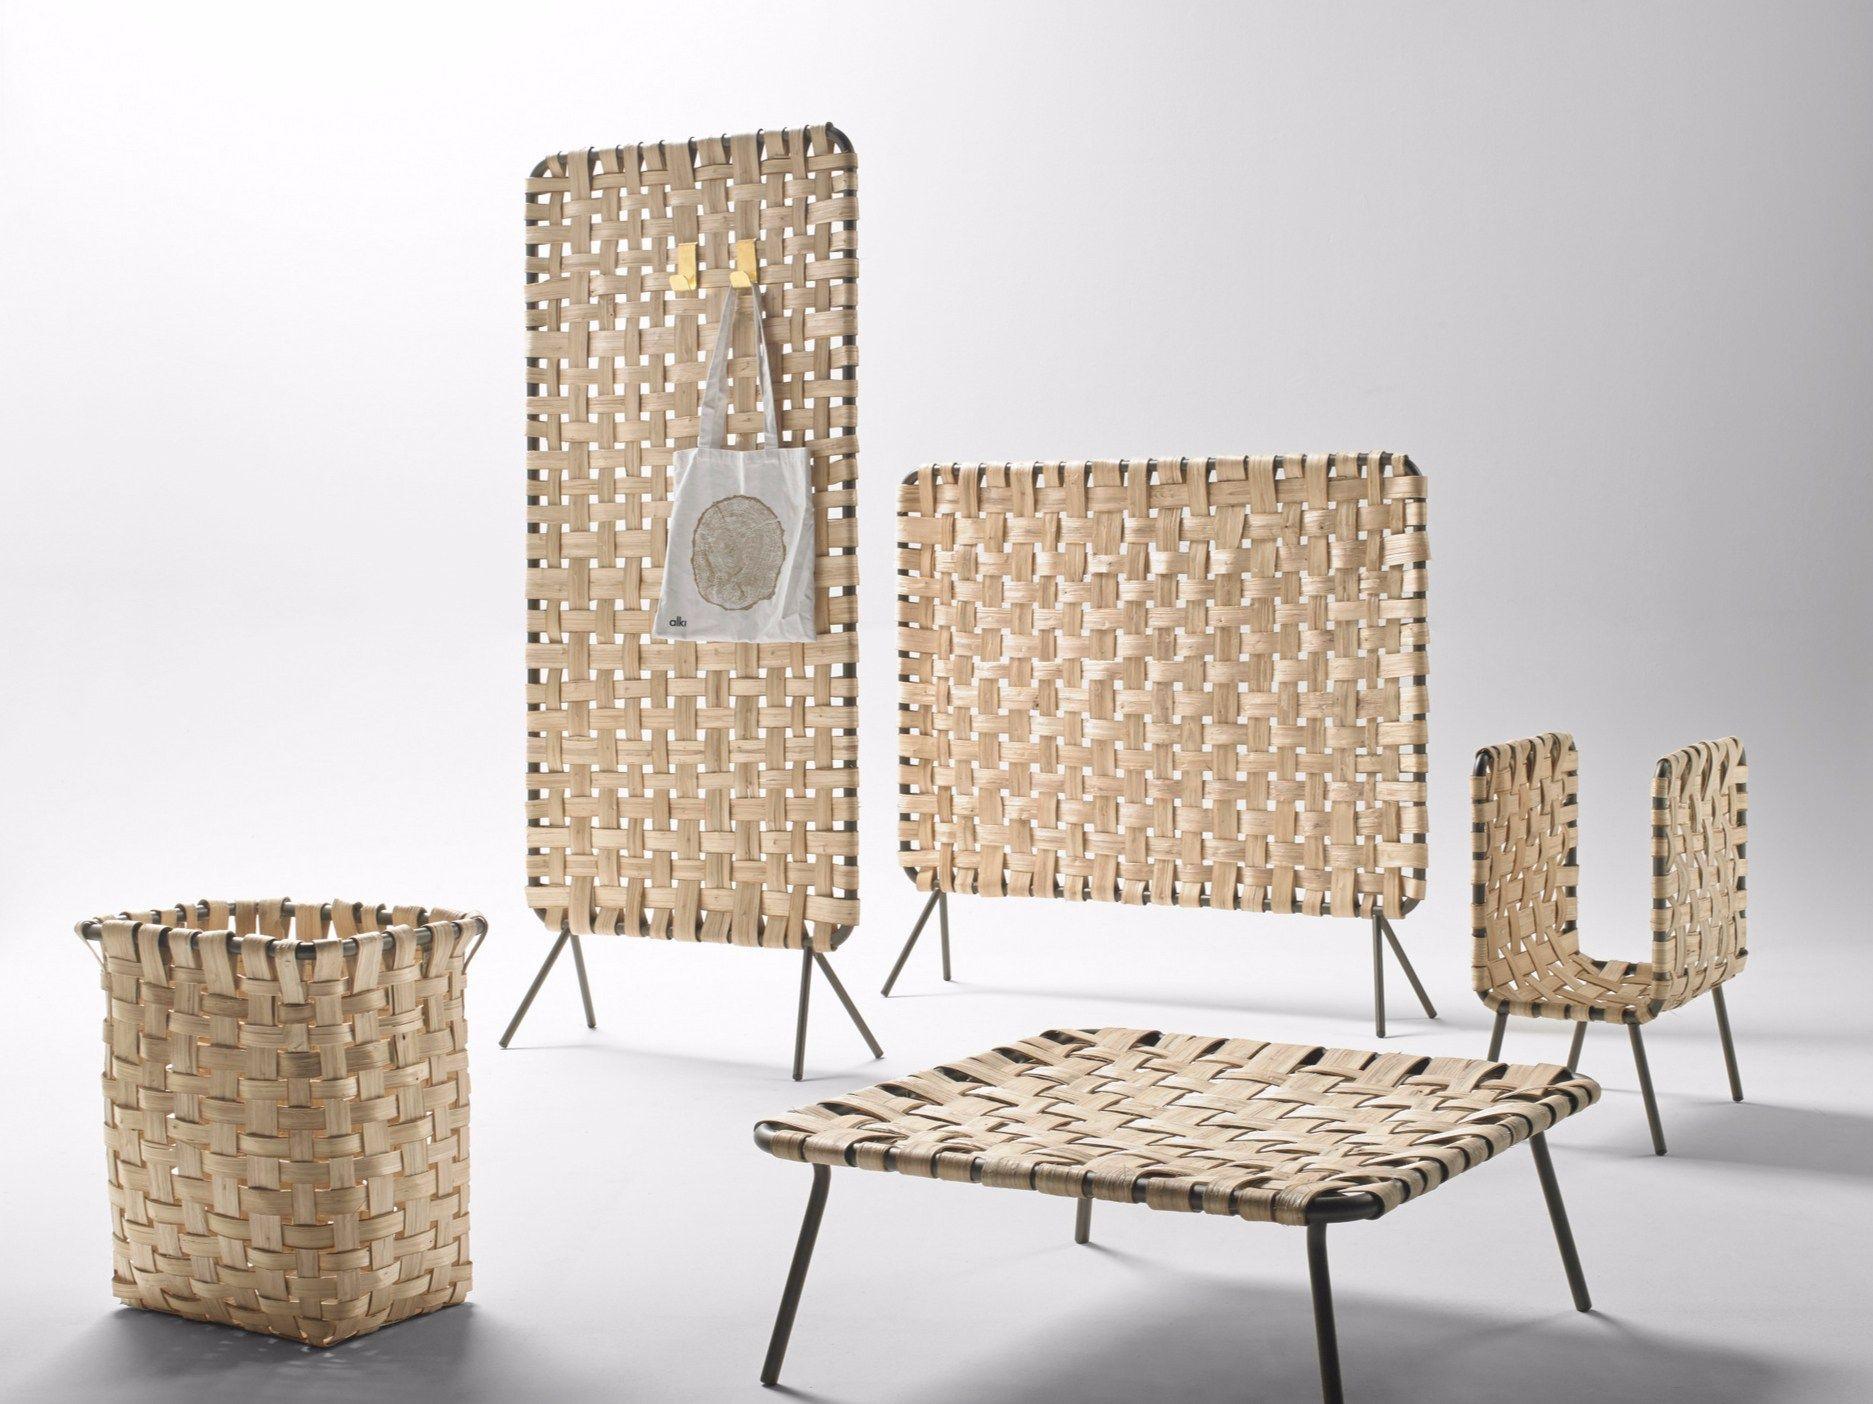 Divisorio in legno zumit by alki design iratzoki lizaso ins